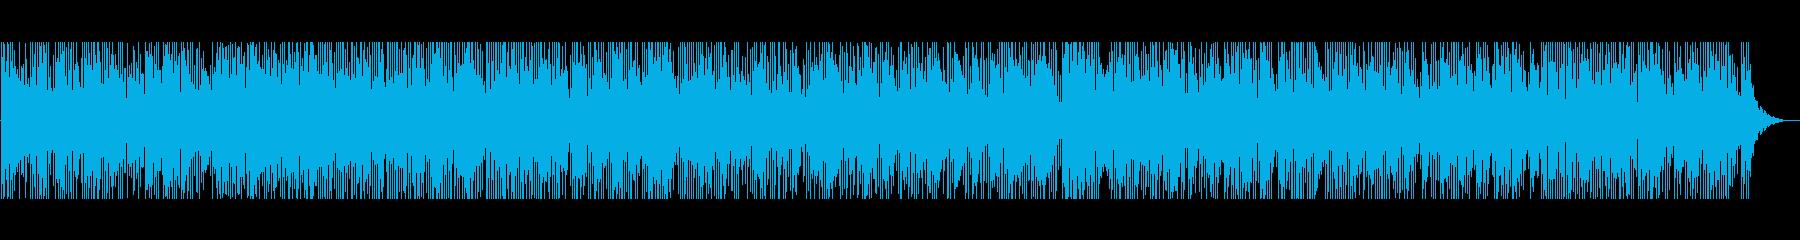 企業紹介、プレゼン、トーク用BGMの再生済みの波形